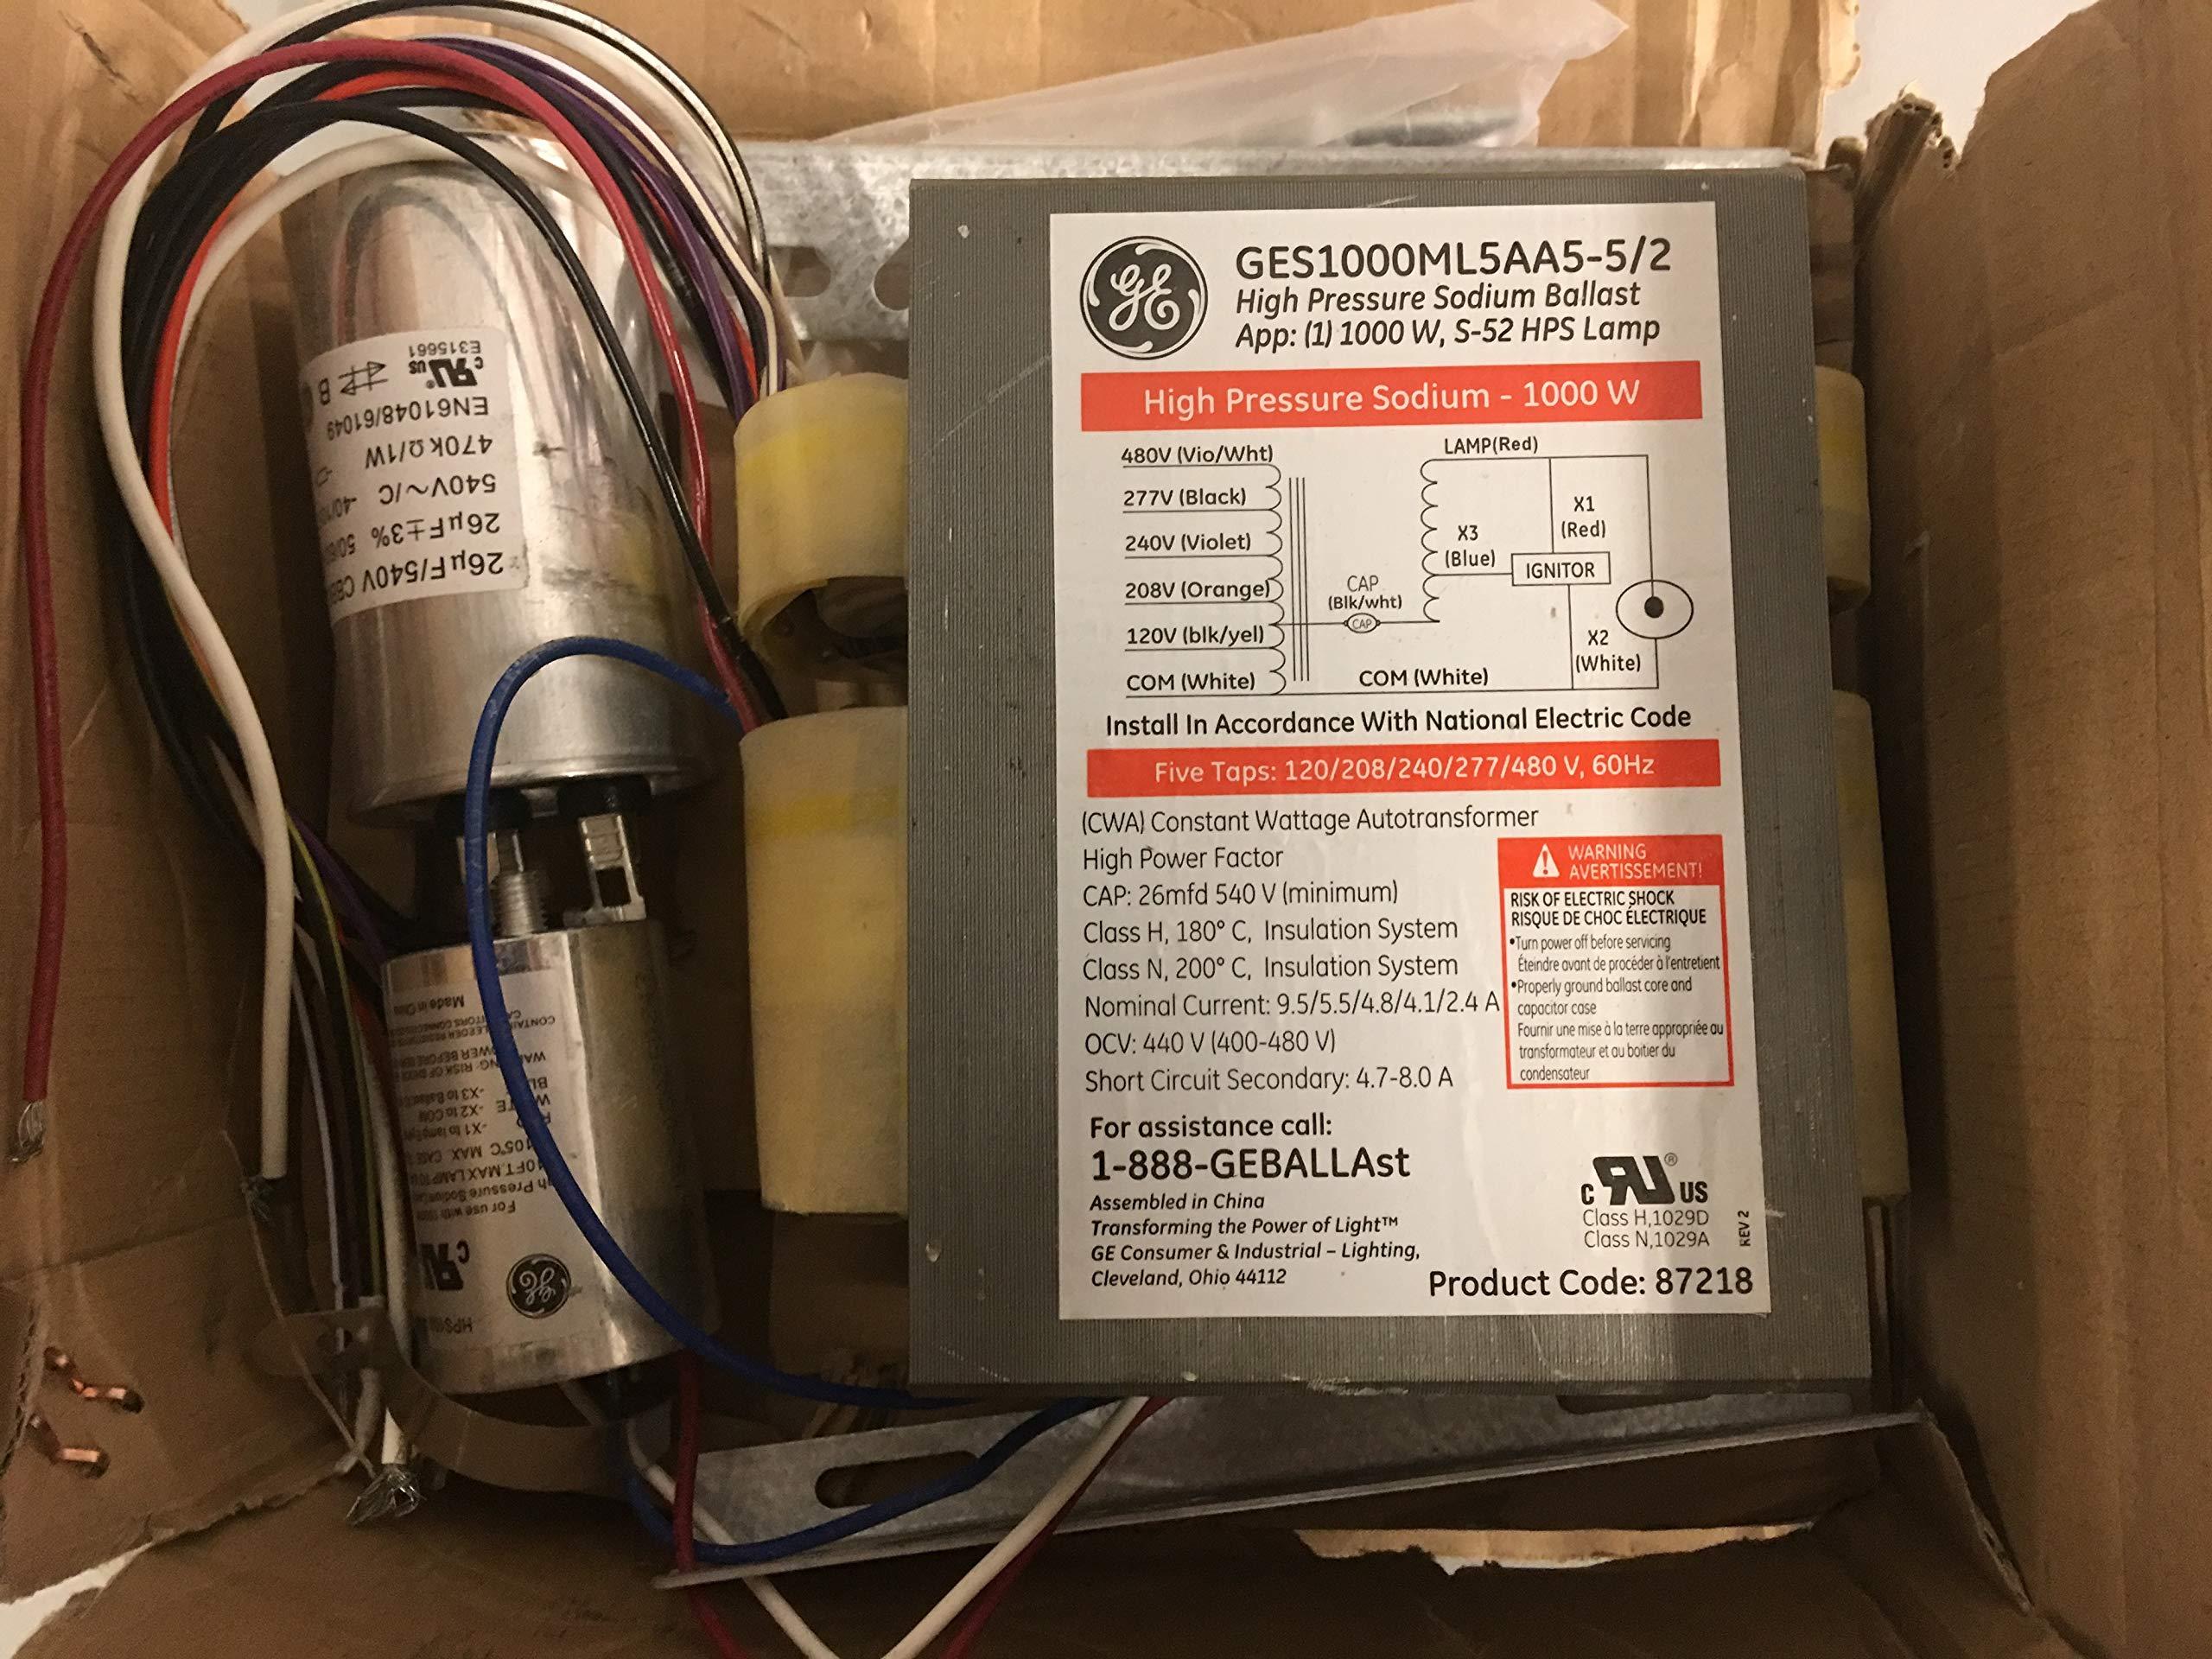 GE 87218 Ballast Kit GES1000ML5AA5-5/2